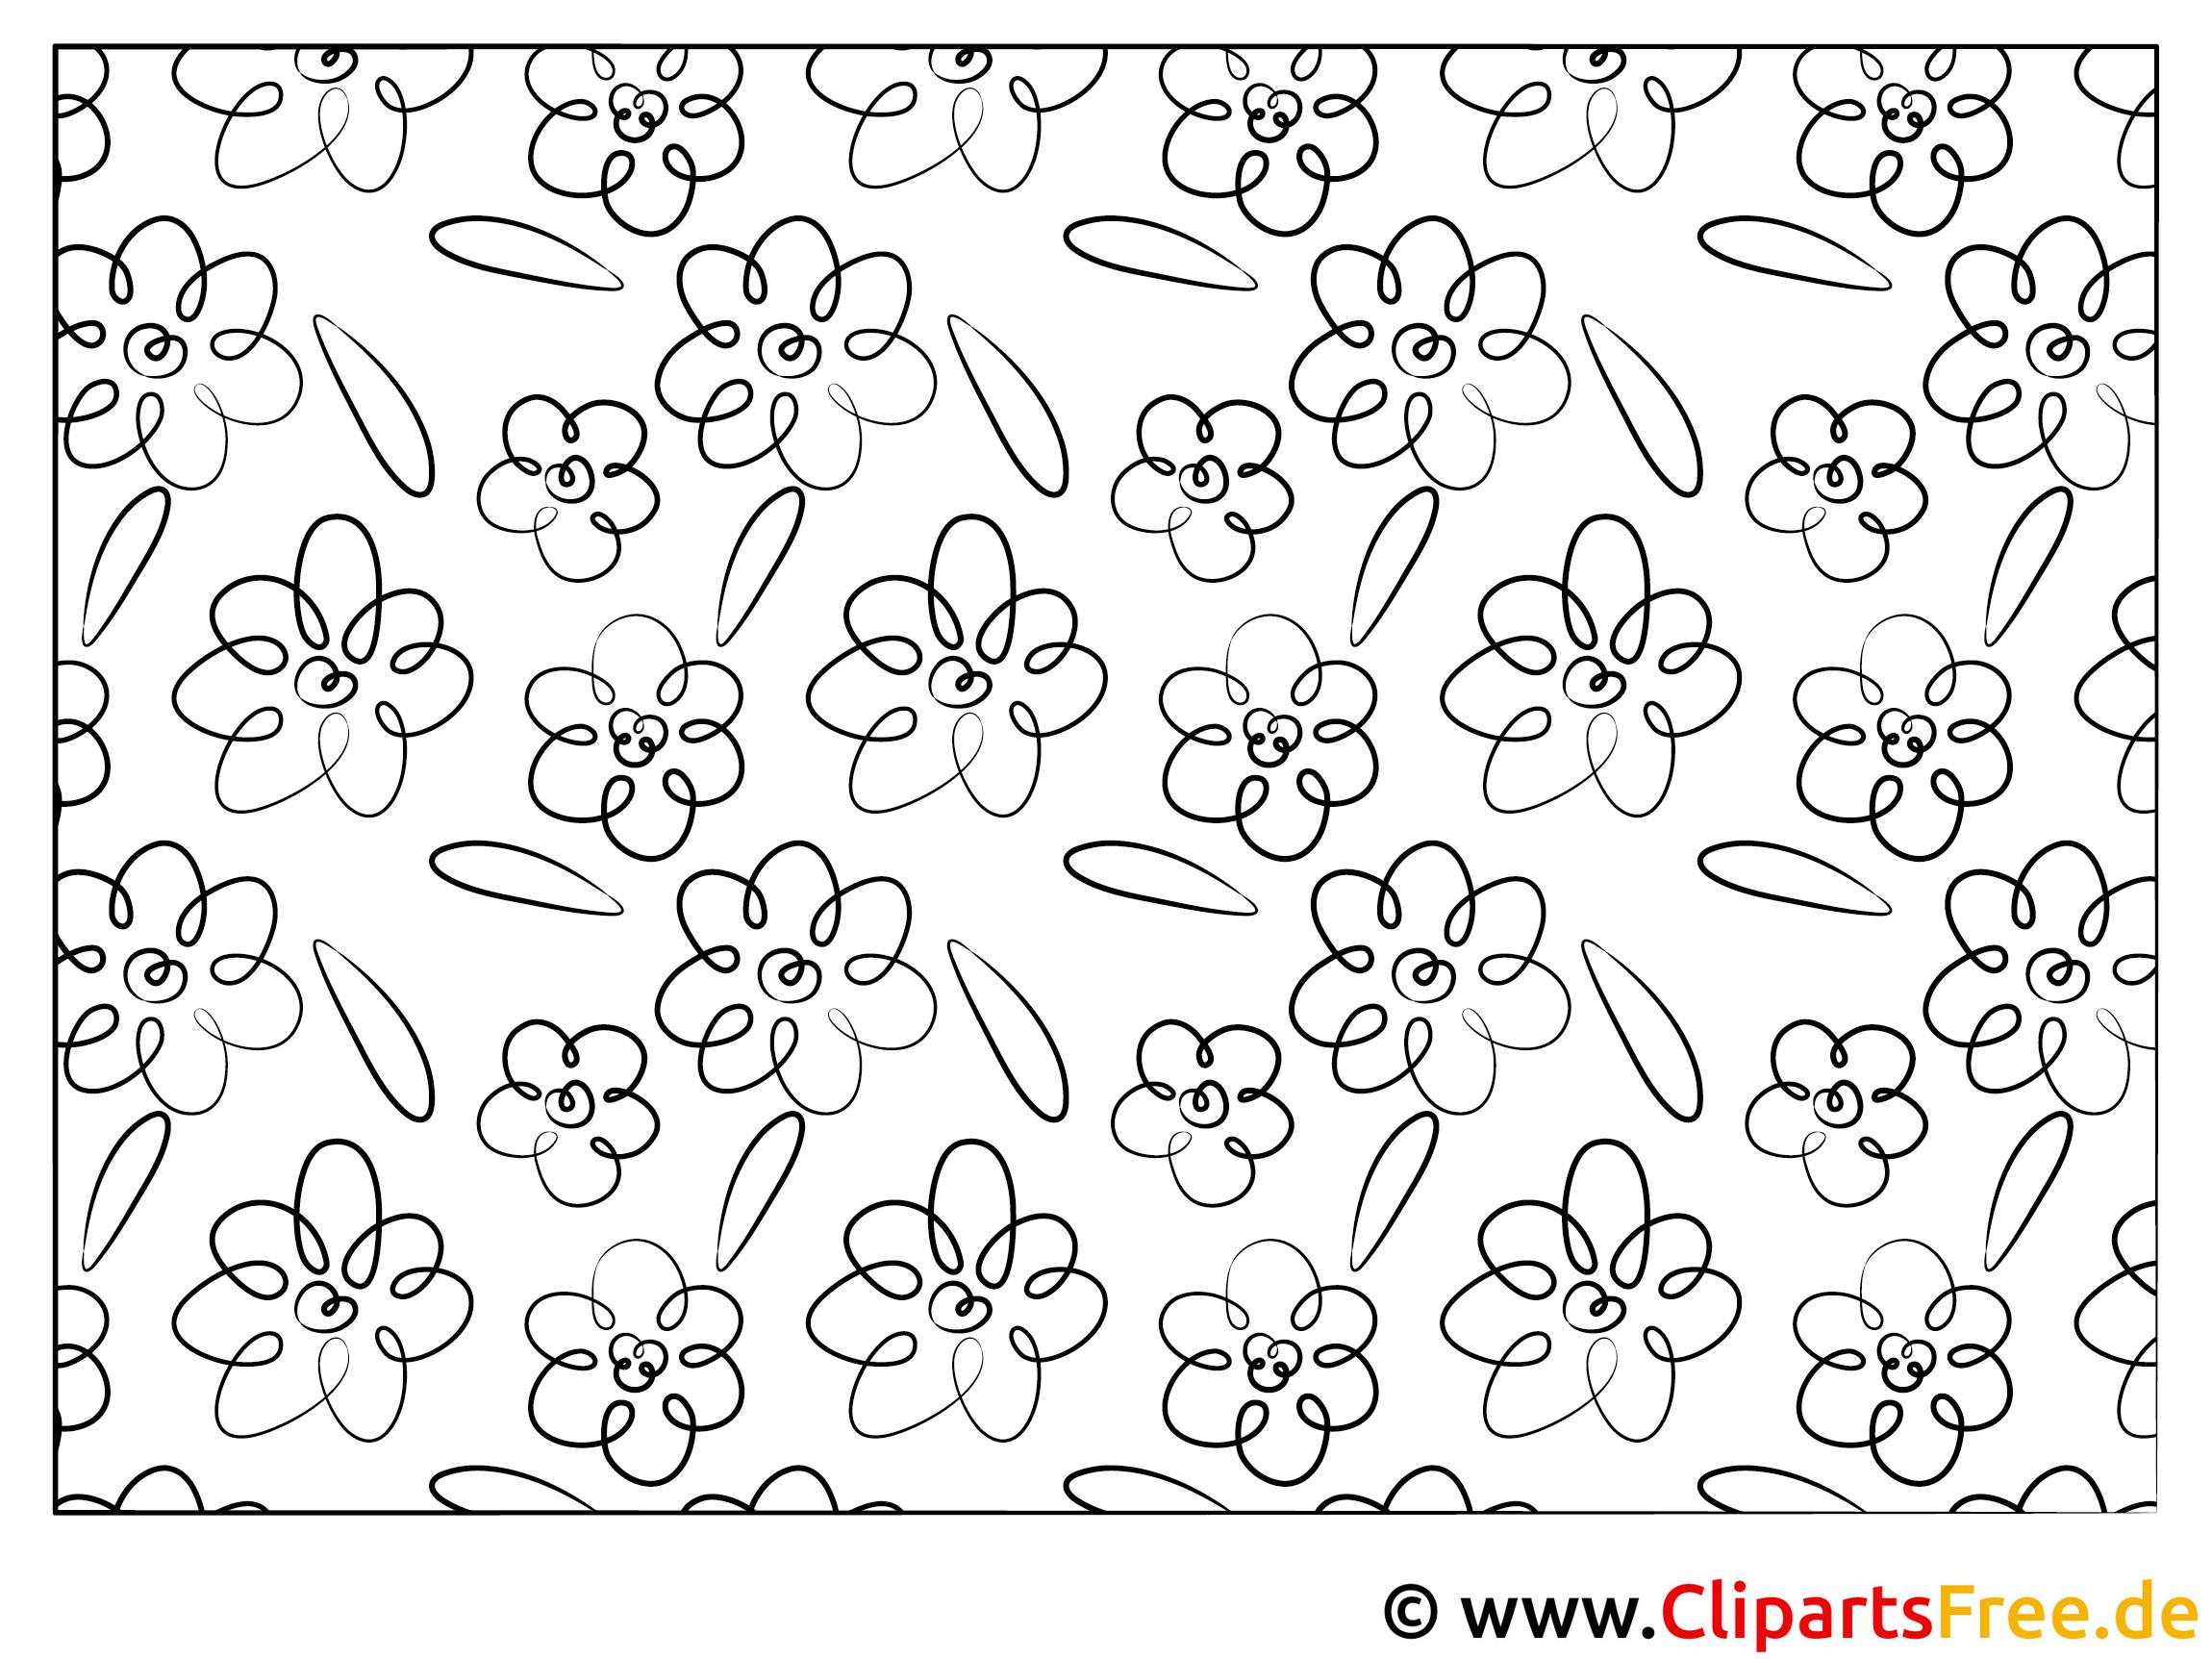 Blumen Grafik zum Ausmalen